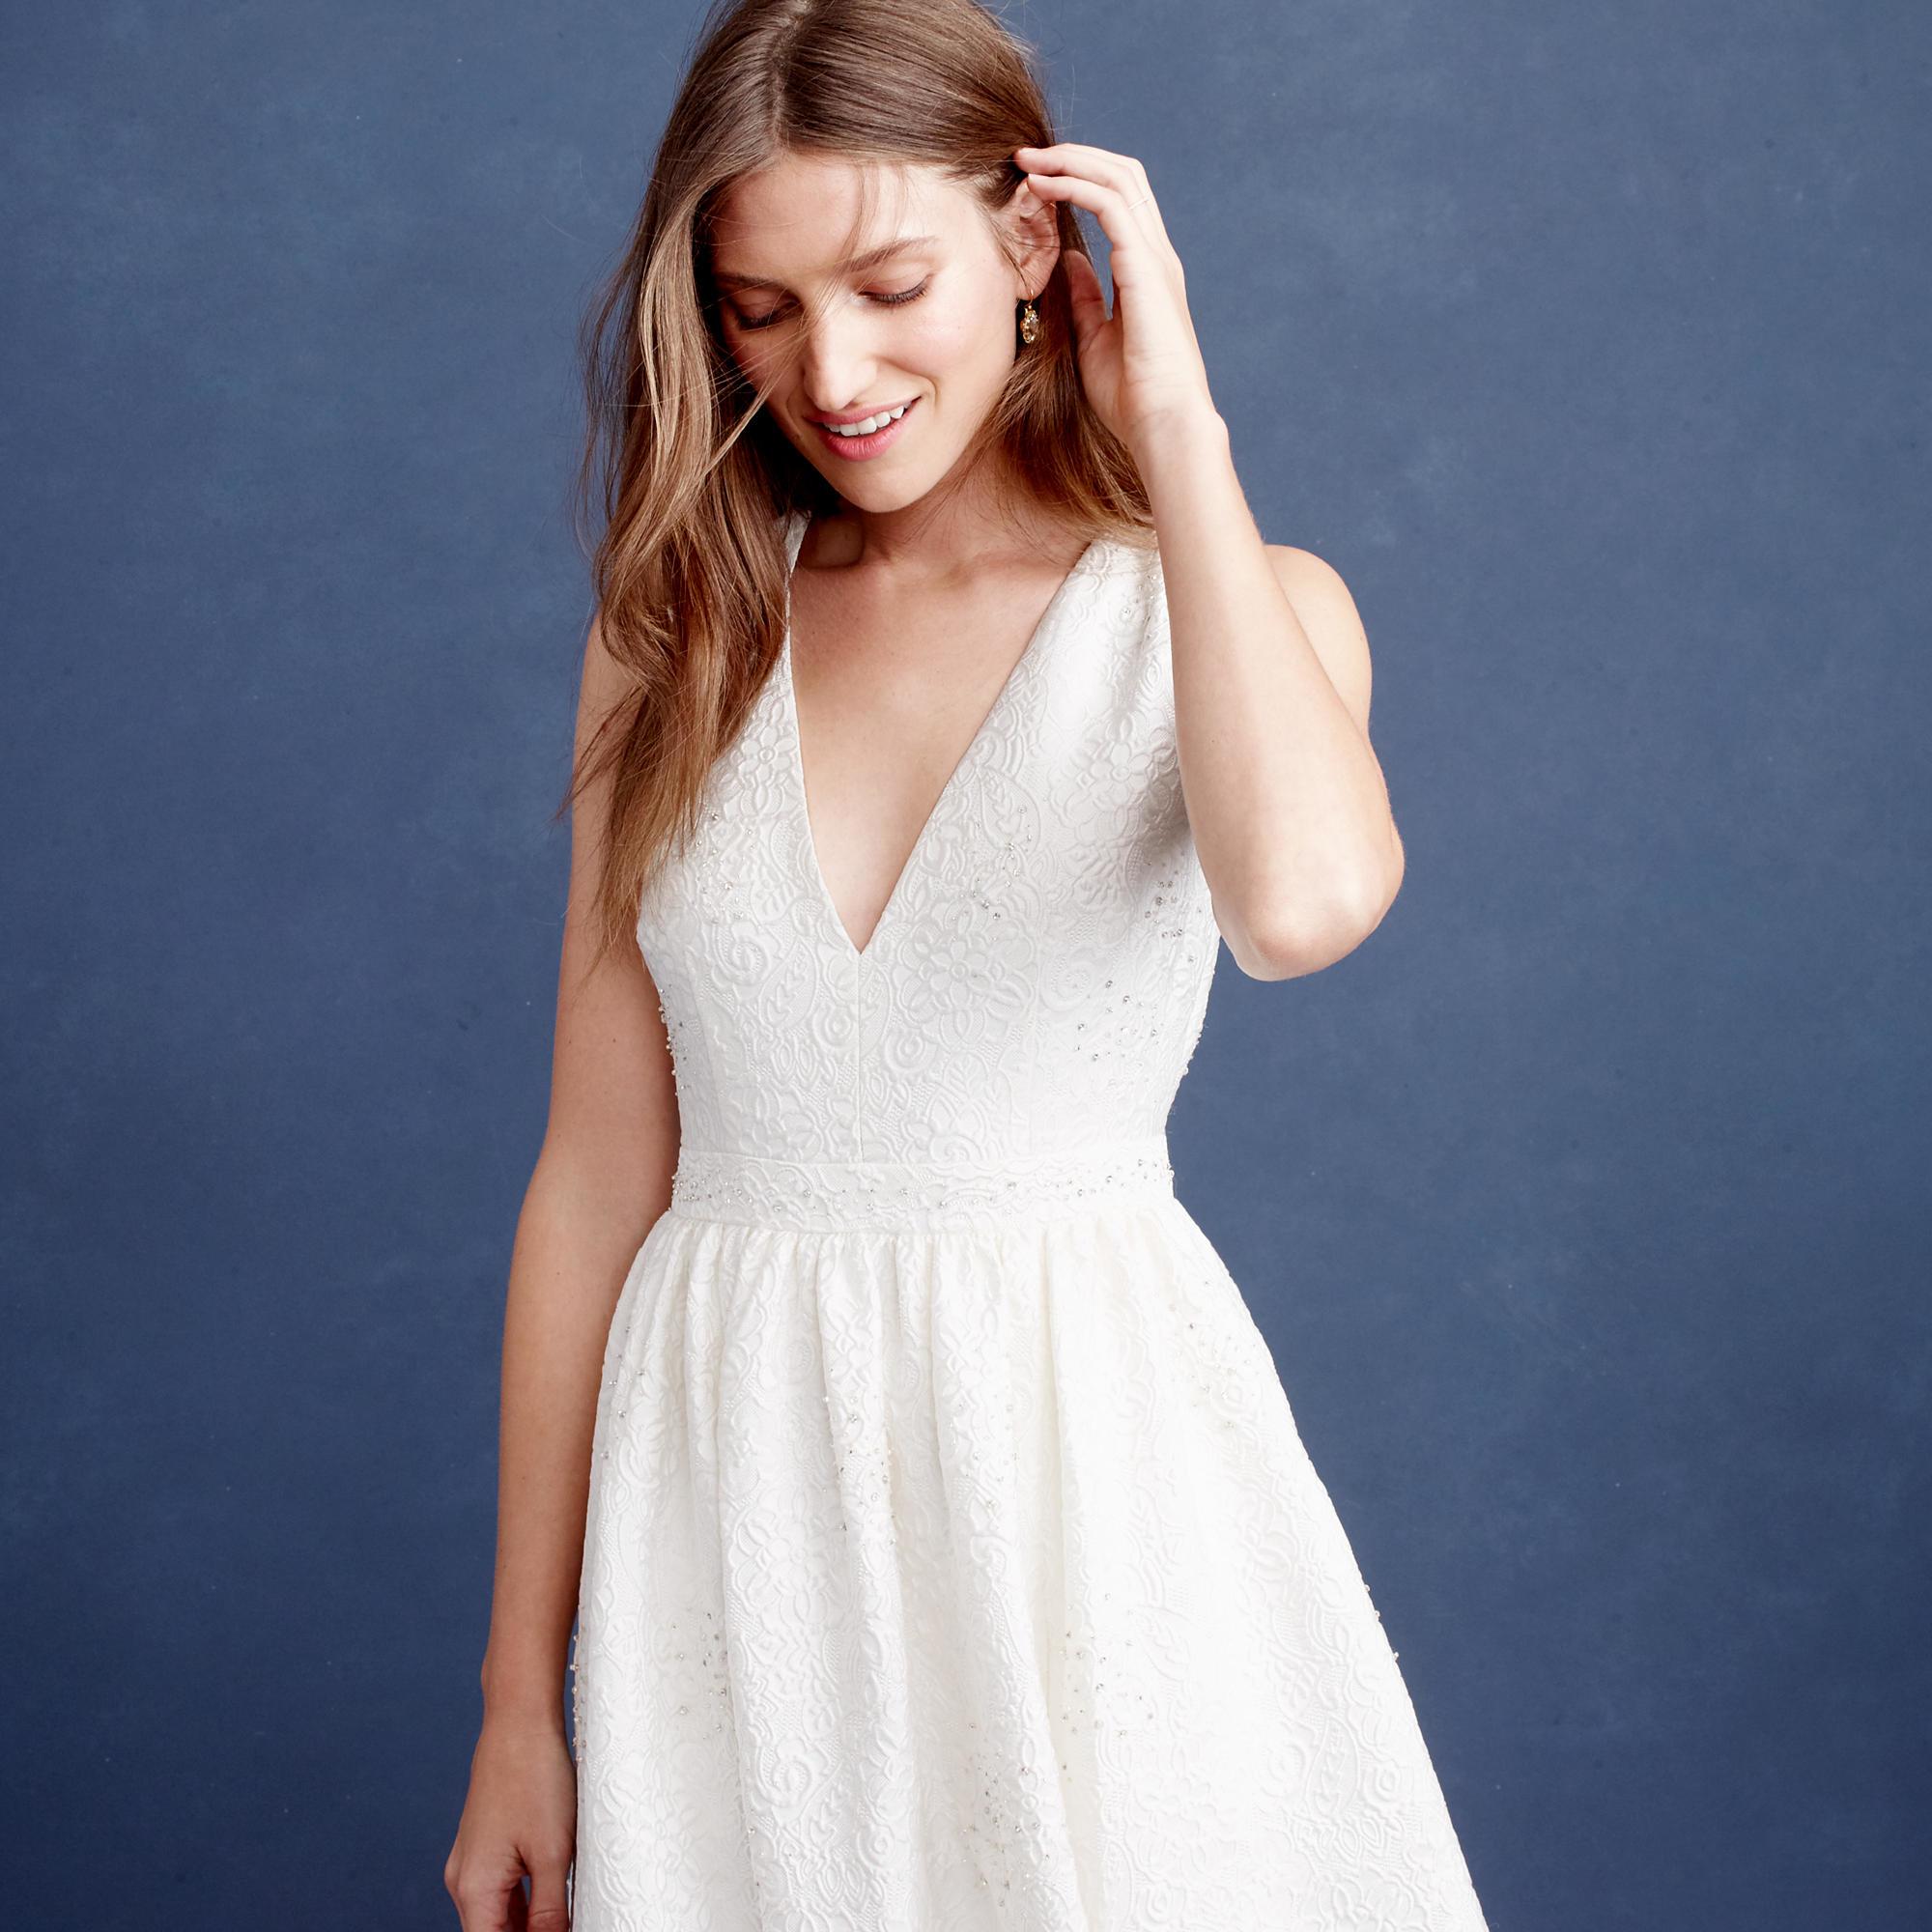 c2e53523f57 Lyst - J.Crew Emilia Gown in White